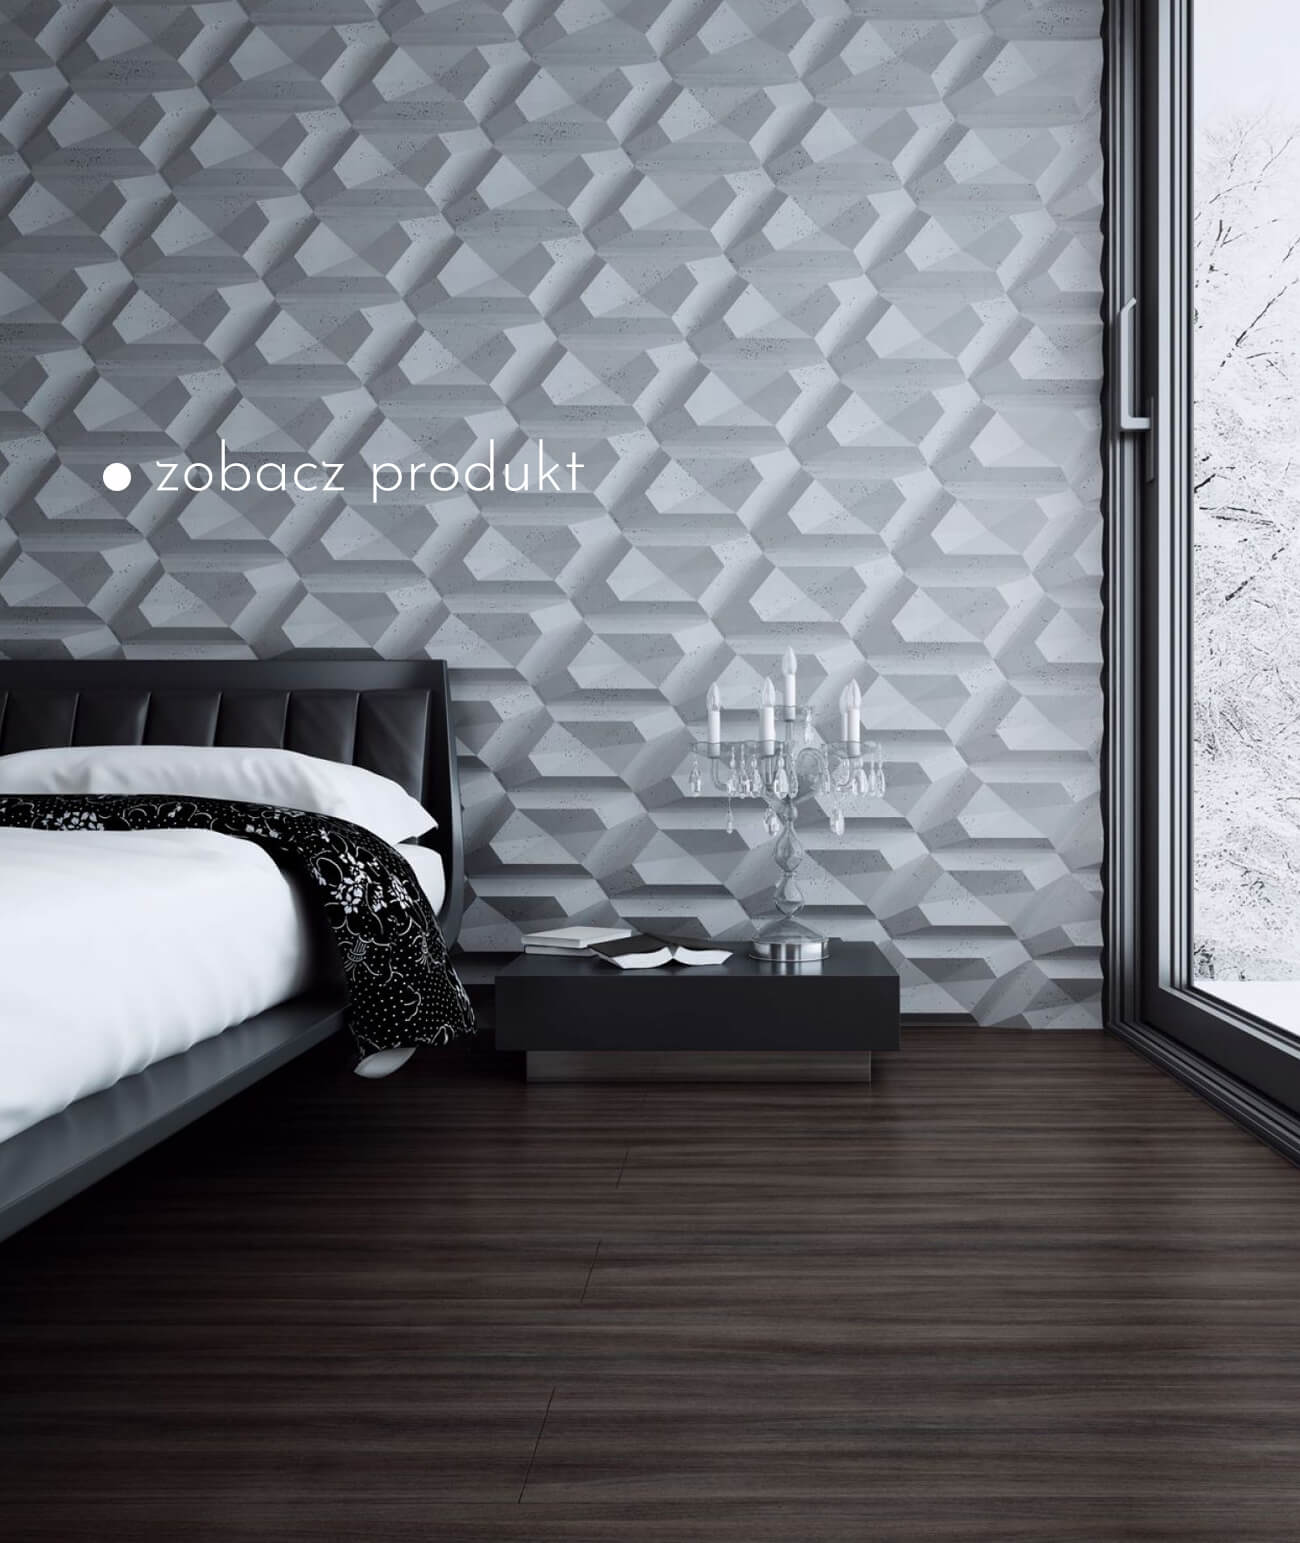 panele-betonowe-3d-scienne-i-elewacyjne-beton-architektoniczny_298-1571-pb02-bs-sniezno-bialy-diament---panel-dekor-3d-beton-architektoniczny-panel-scienny